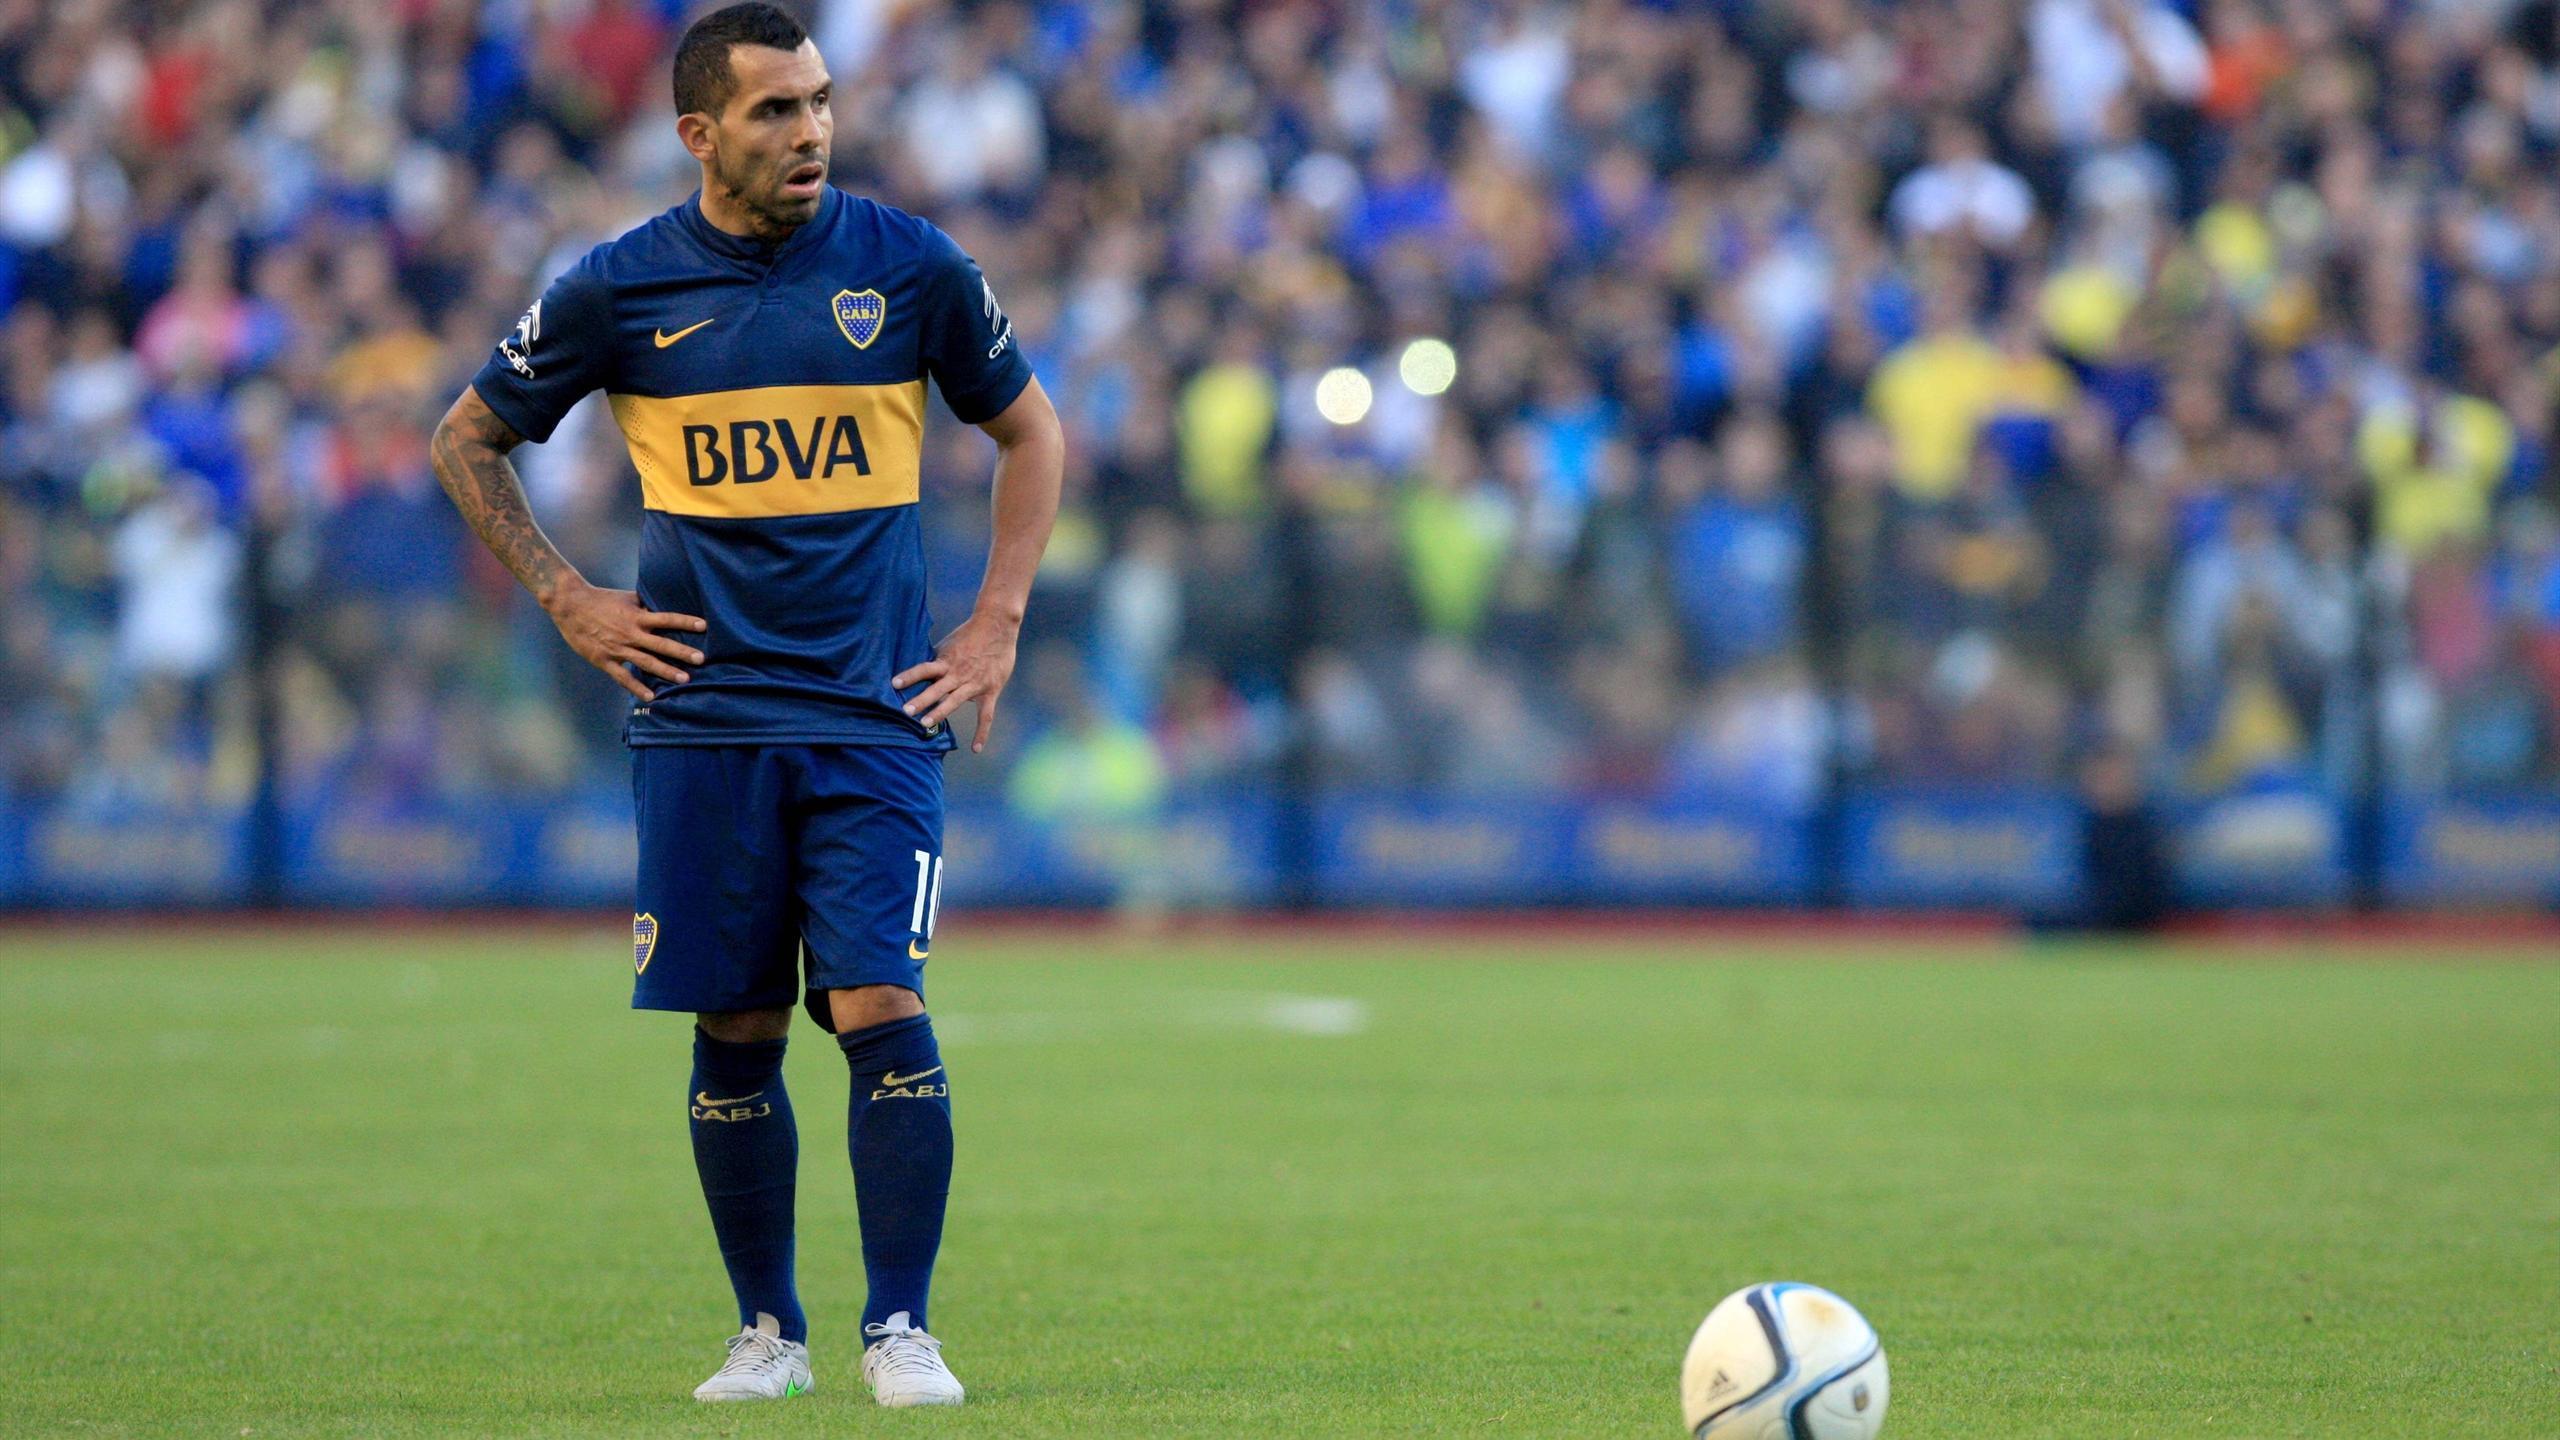 Carlos Tevez (Boca Juniors)